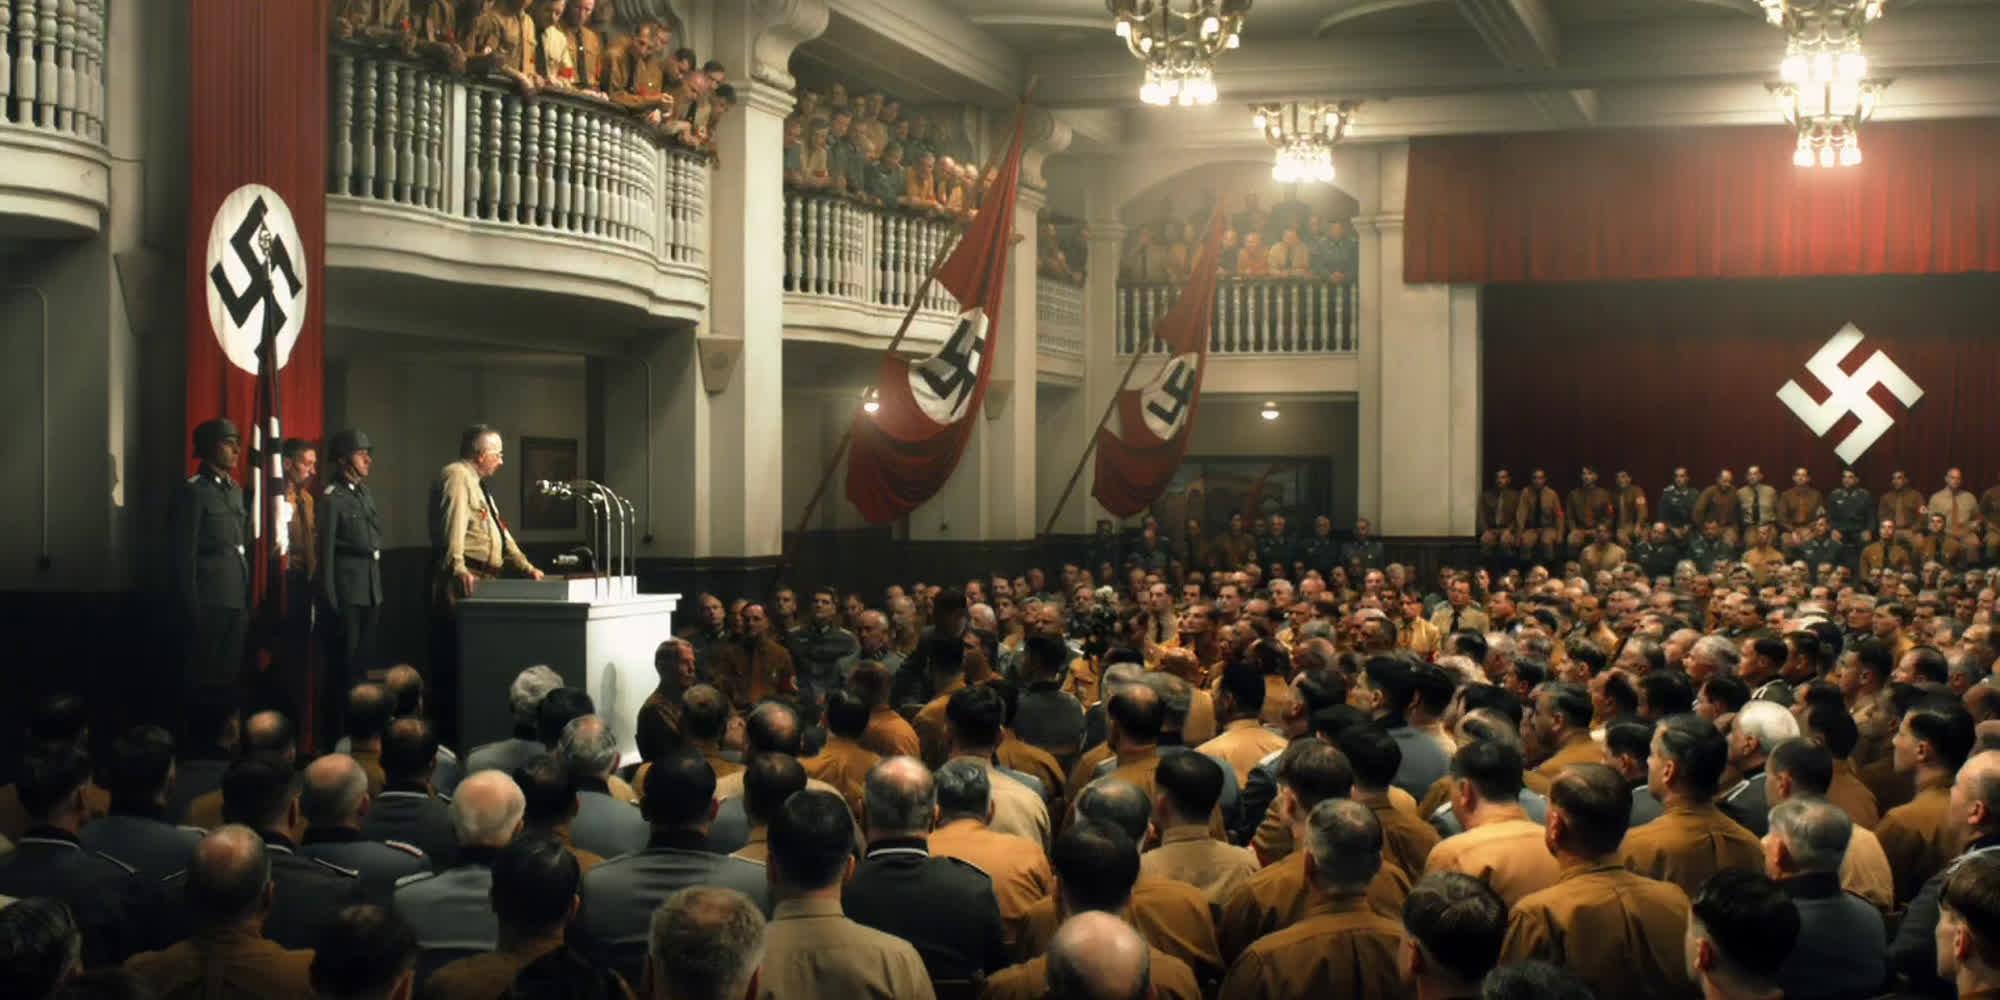 Nazistisk møte. Utsnitt fra filmen Elser – 13 minutter etter Hitler.